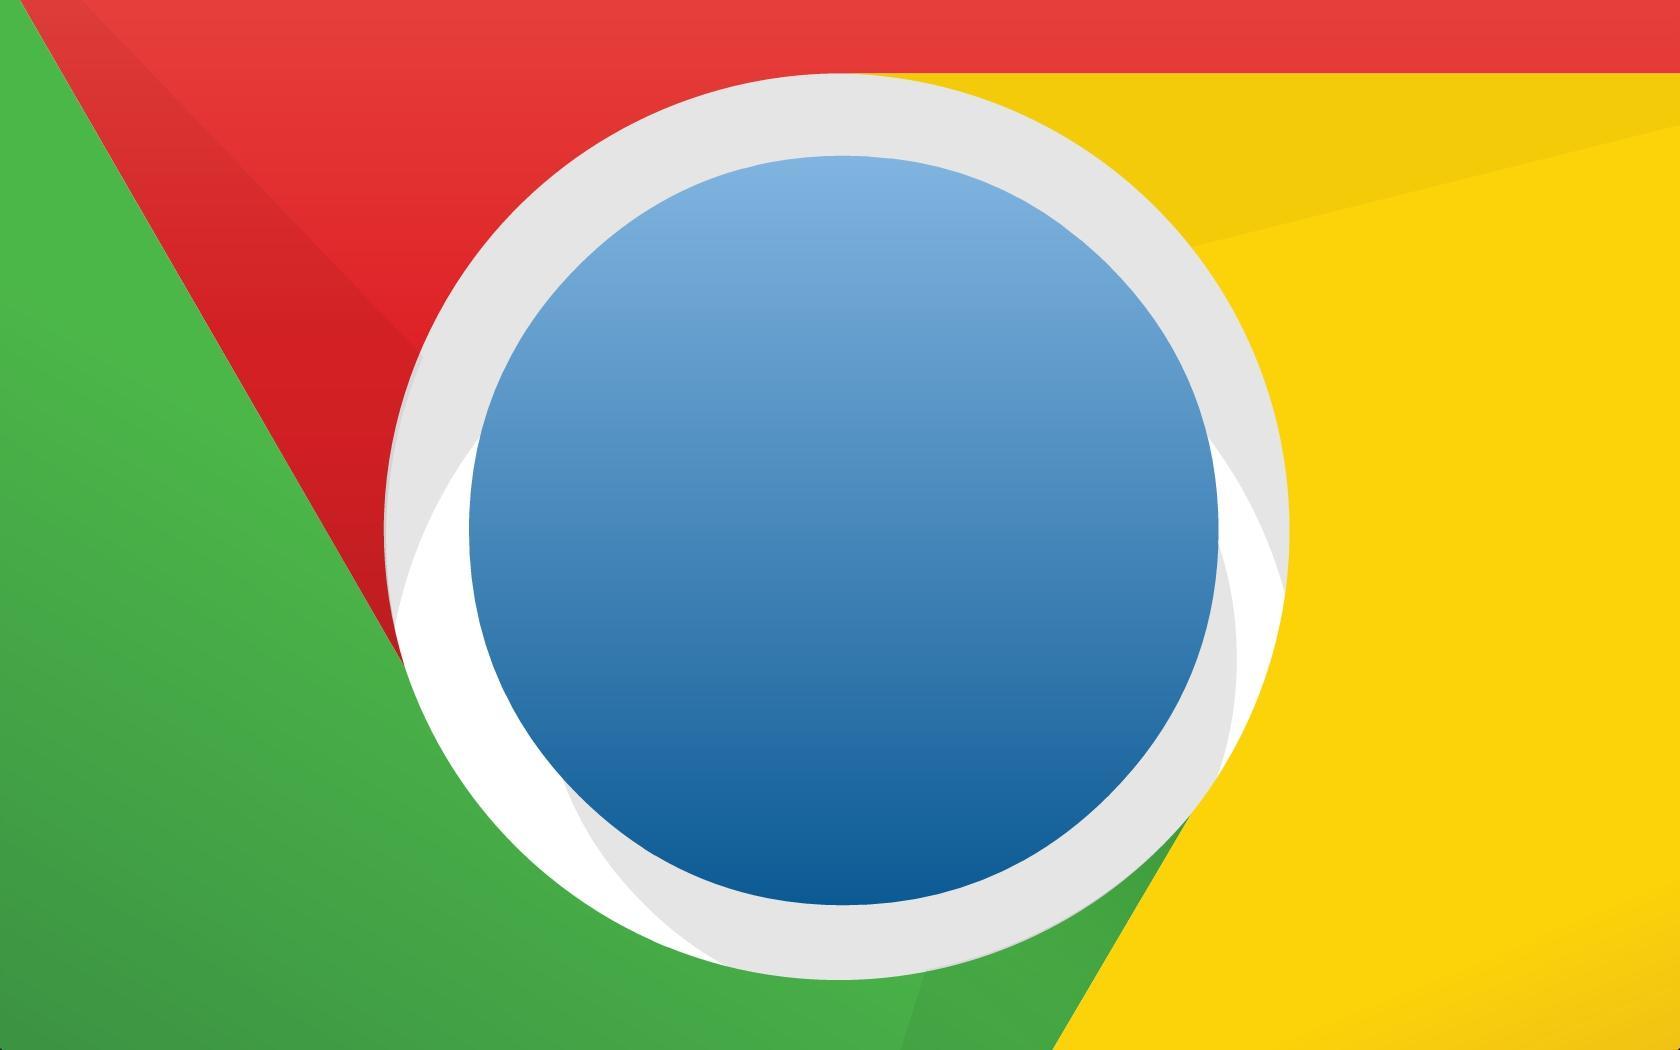 Os temas mais recentes do Chrome vêm diretamente do Google